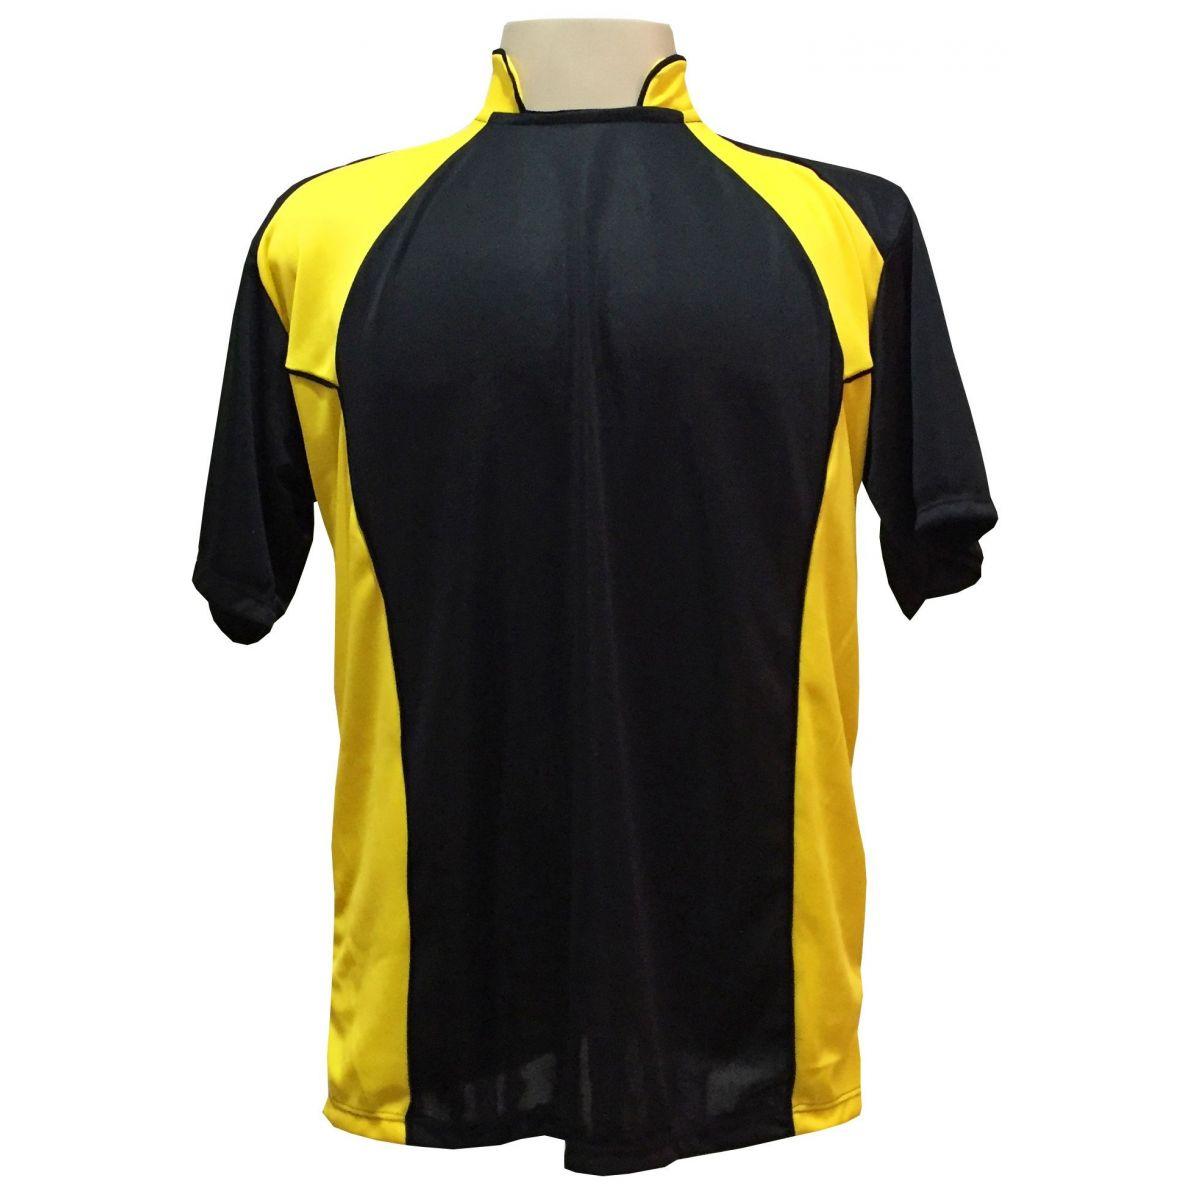 Uniforme Esportivo com 14 camisas modelo Suécia Preto/Amarelo + 14 calções modelo Madrid Amarelo + 14 pares de meiões Preto   - ESTAÇÃO DO ESPORTE